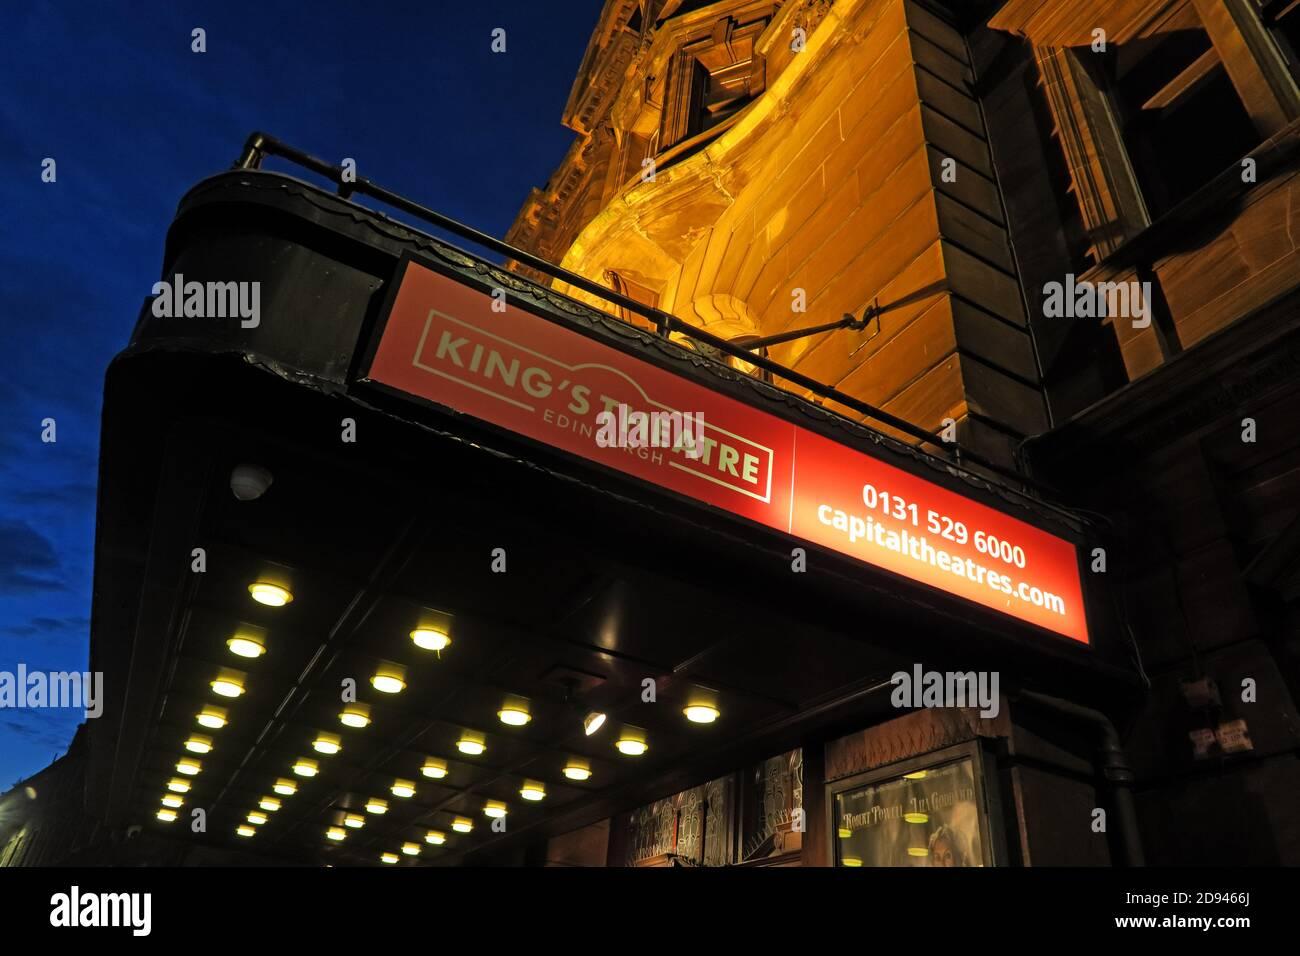 Dieses Stockfoto: King's Theatre, 2 Leven St, Tollcross, Edinburgh, Schottland, Großbritannien, EH3 9LQ - 2D9466